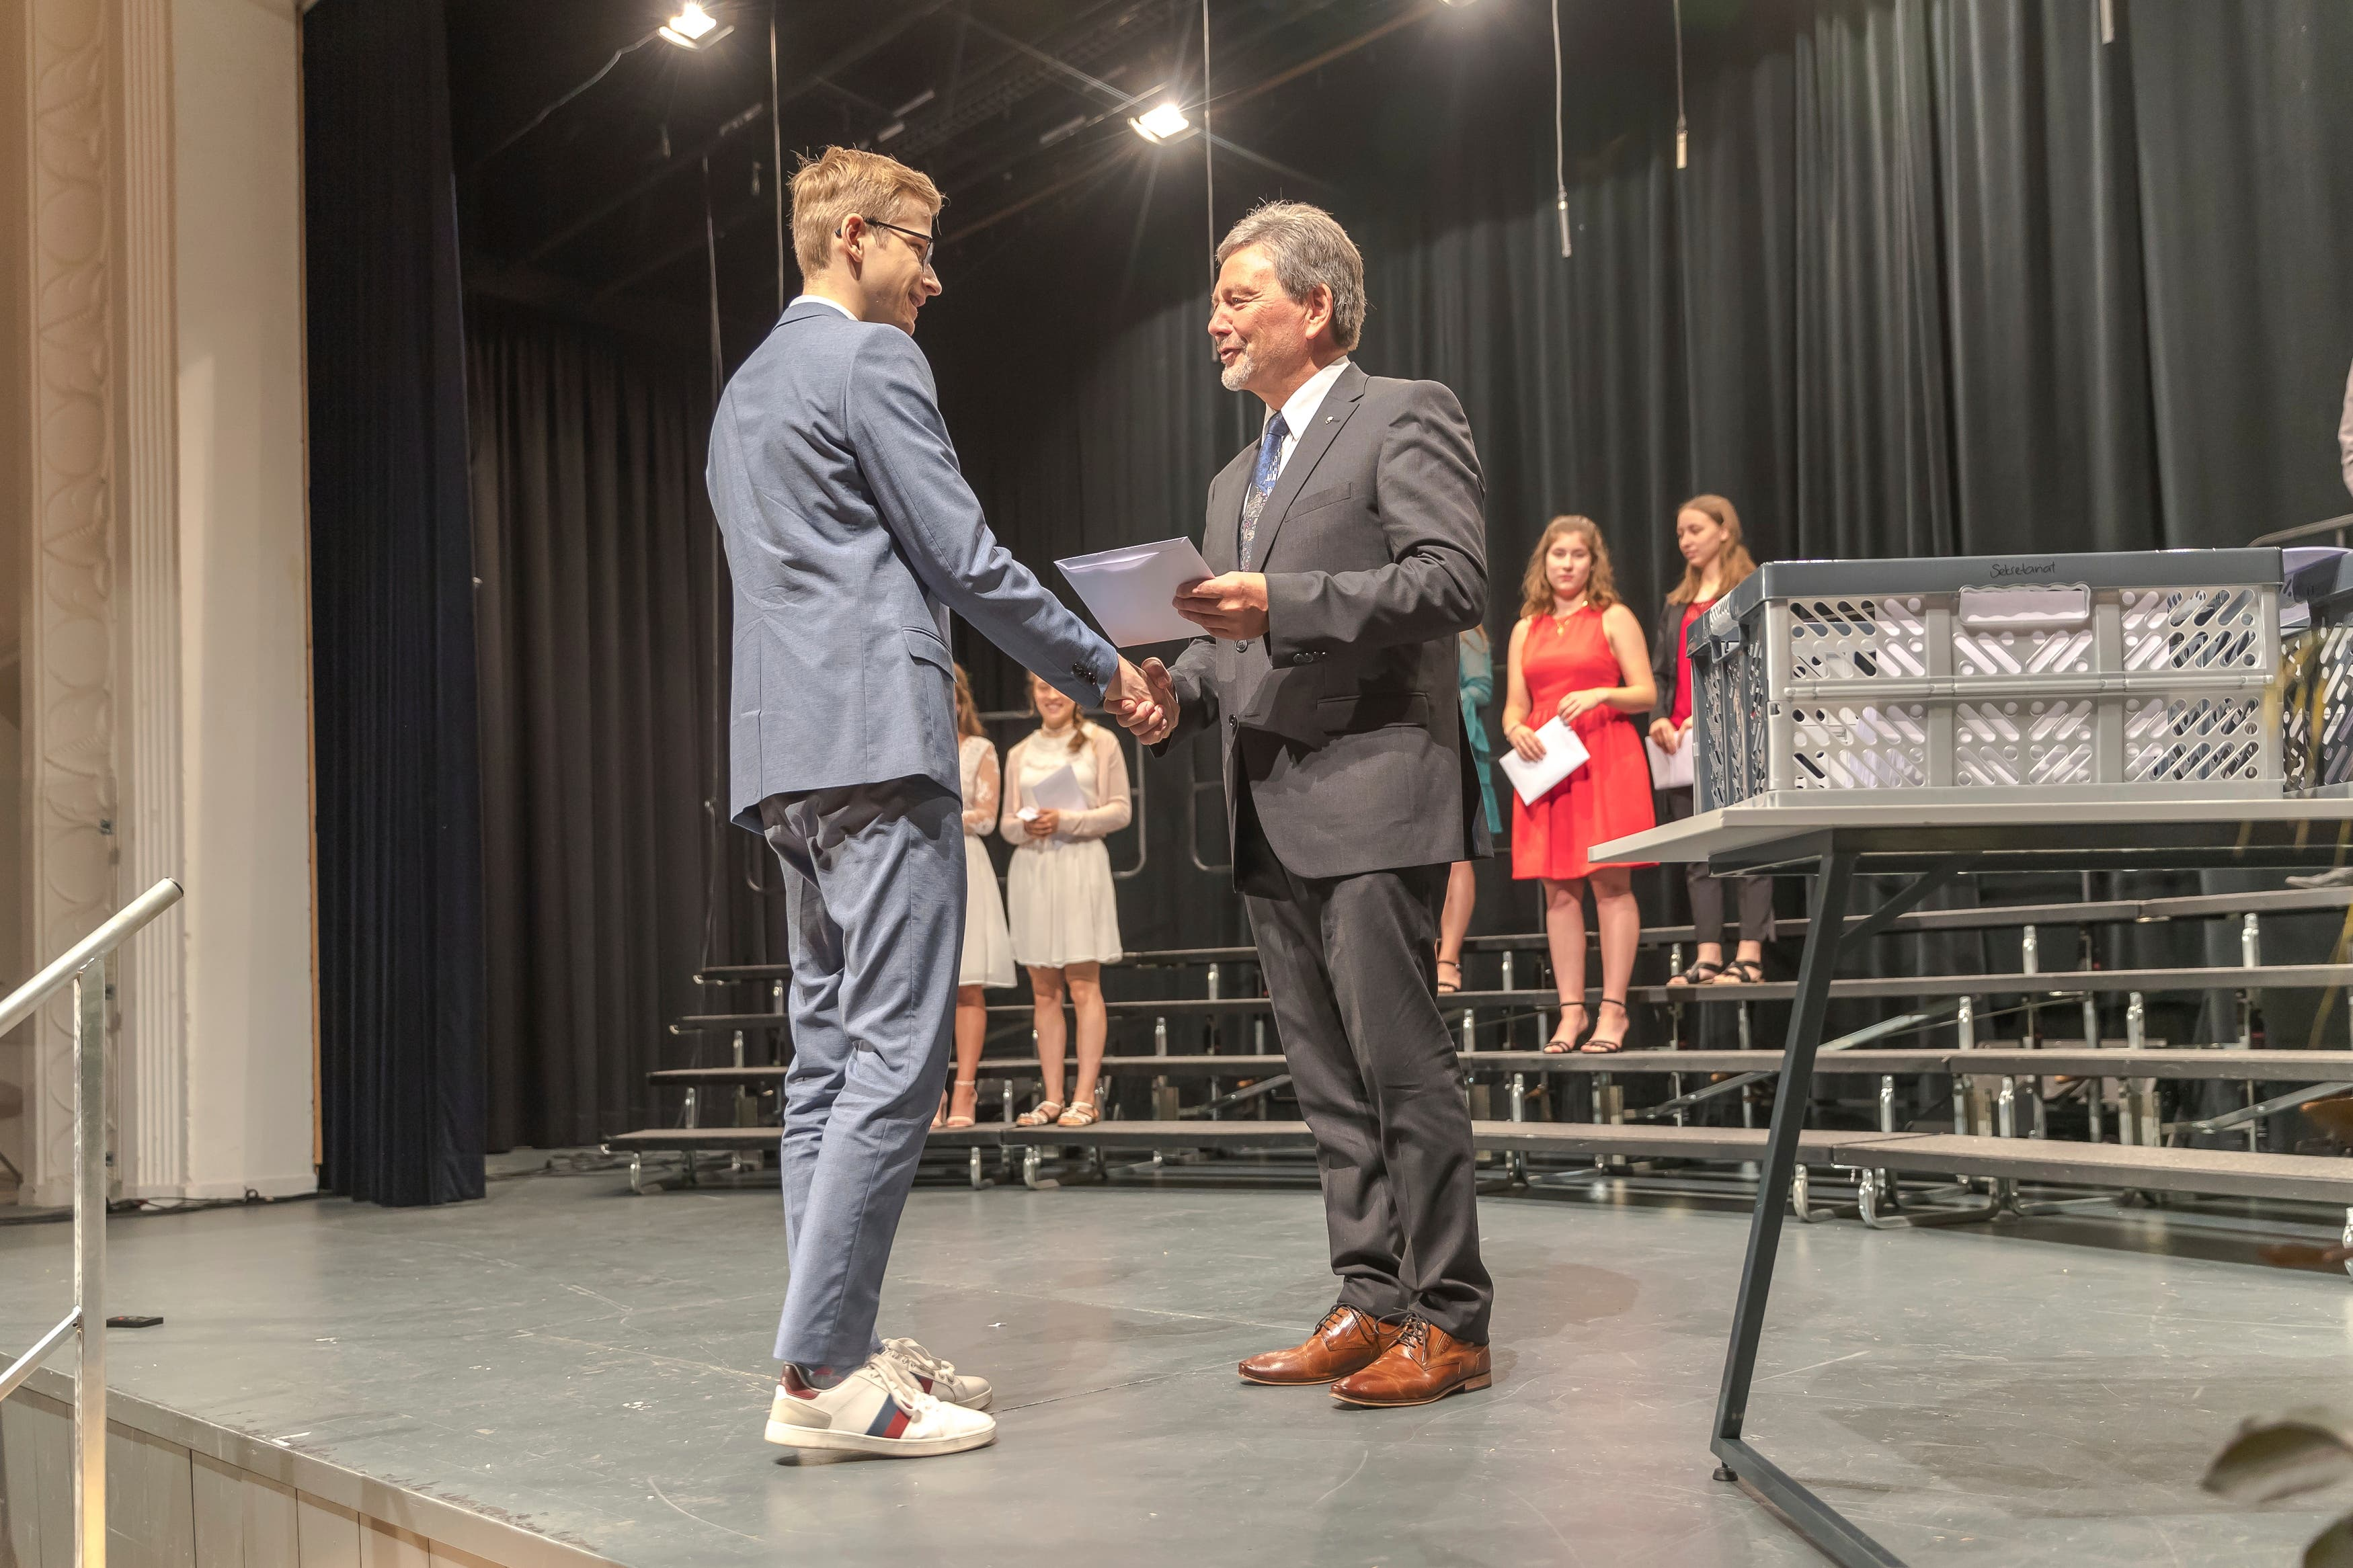 Der Nidwaldner Bildungsdirektor Res Schmid (rechts) überreicht an der Abschlussfeier im Kollegi St. Fidelis in Stans ein Maturazeugnis. (Bilder: Dani Lüthi, Stans, 15. Juni 2019)